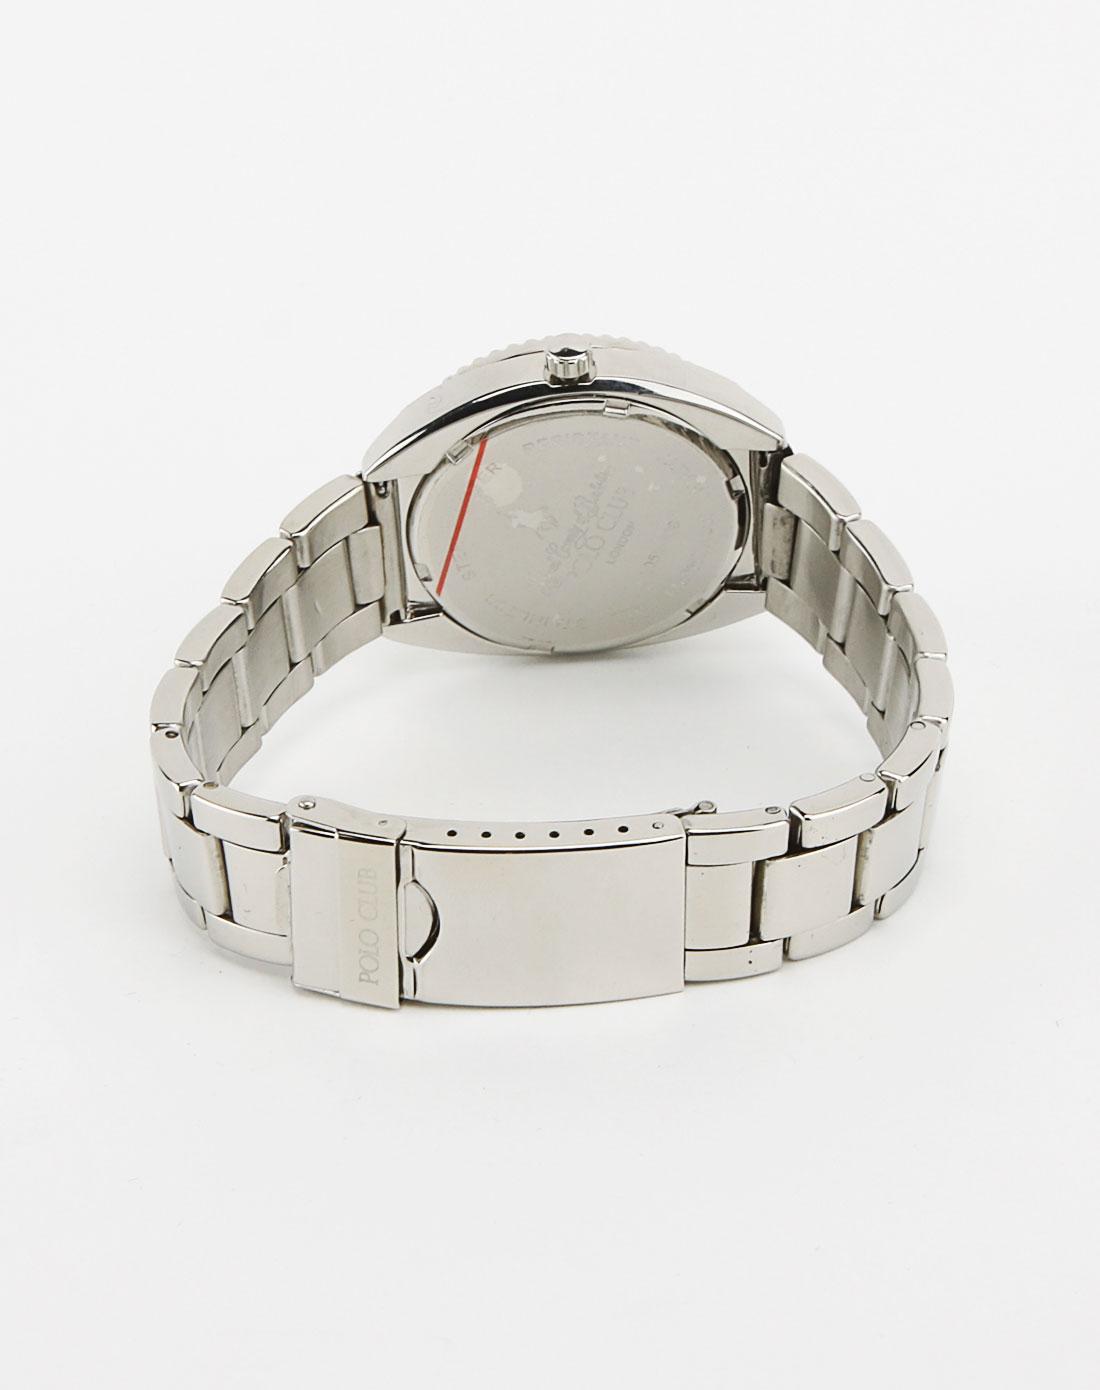 中性浅蓝色圆形手表